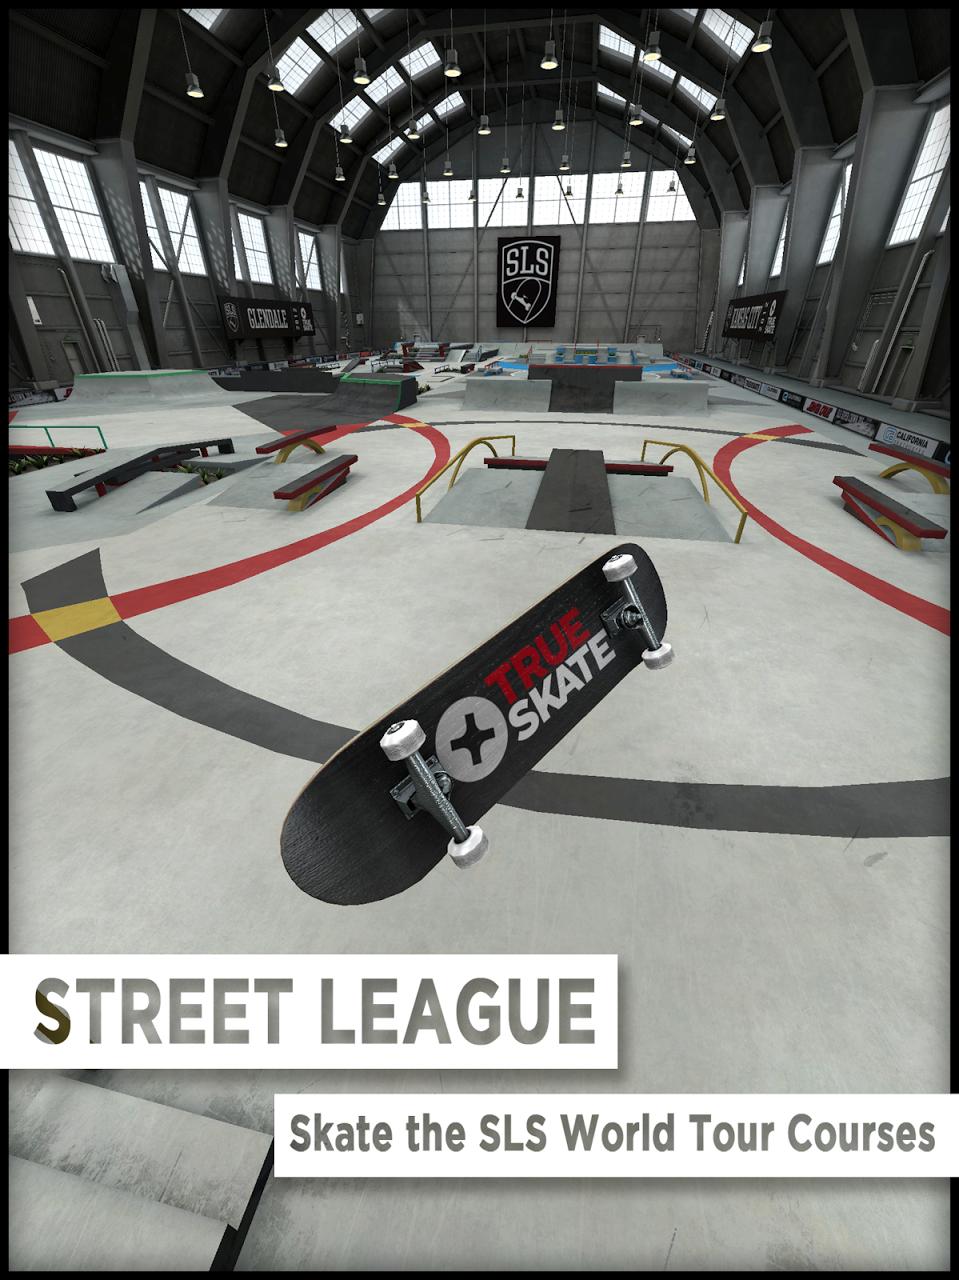 True Skate | Apkplaygame.com